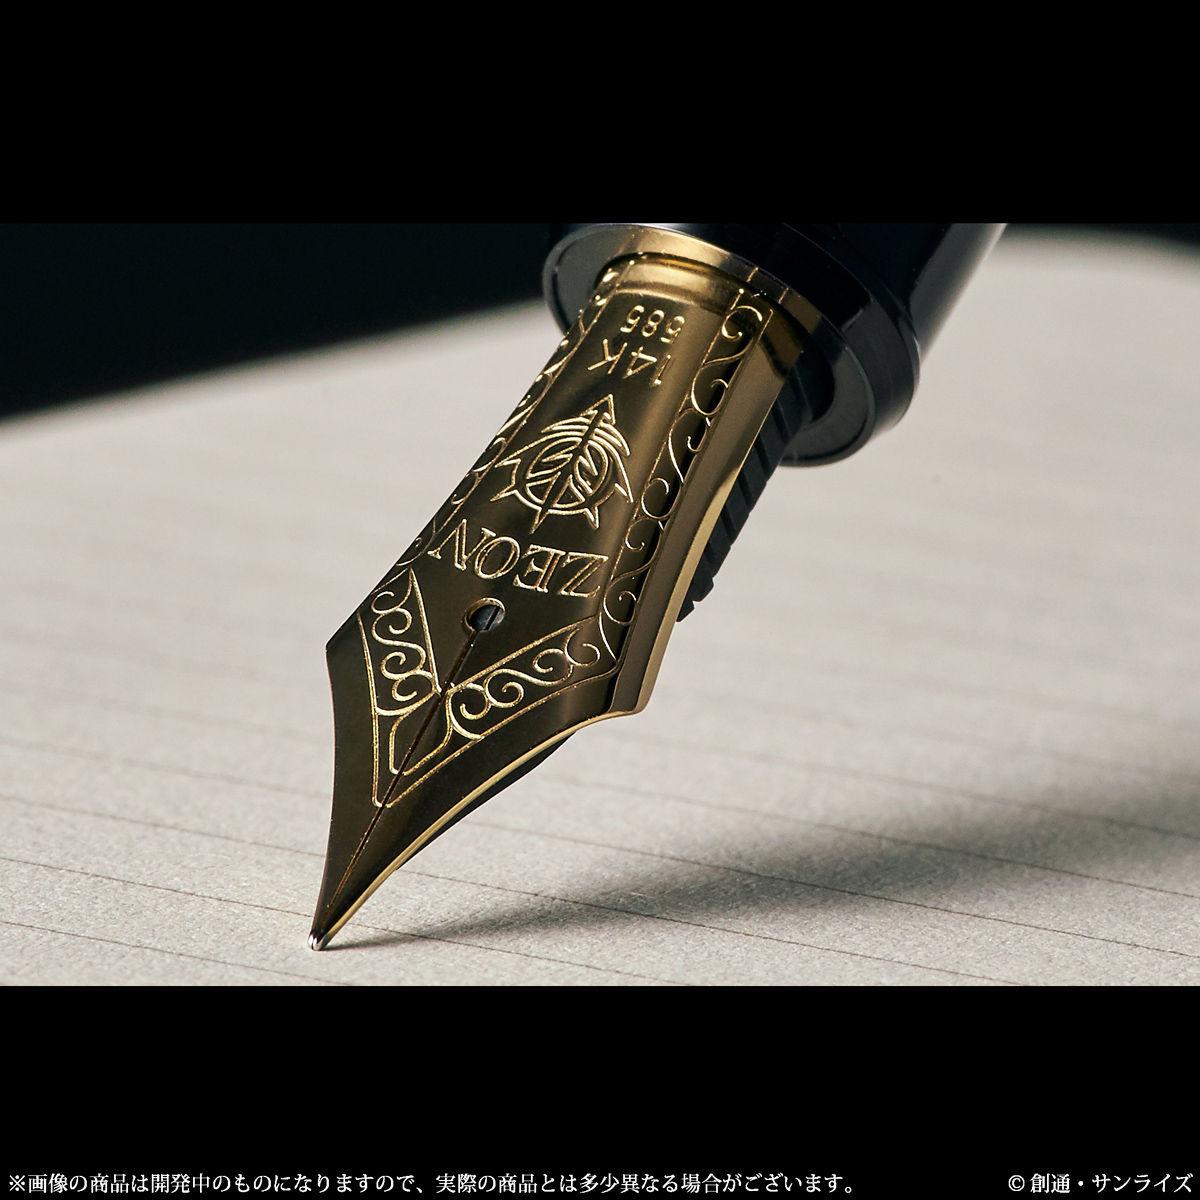 機動戦士ガンダム『ザビ家御用達万年筆-SPECIAL EDITION-』-009